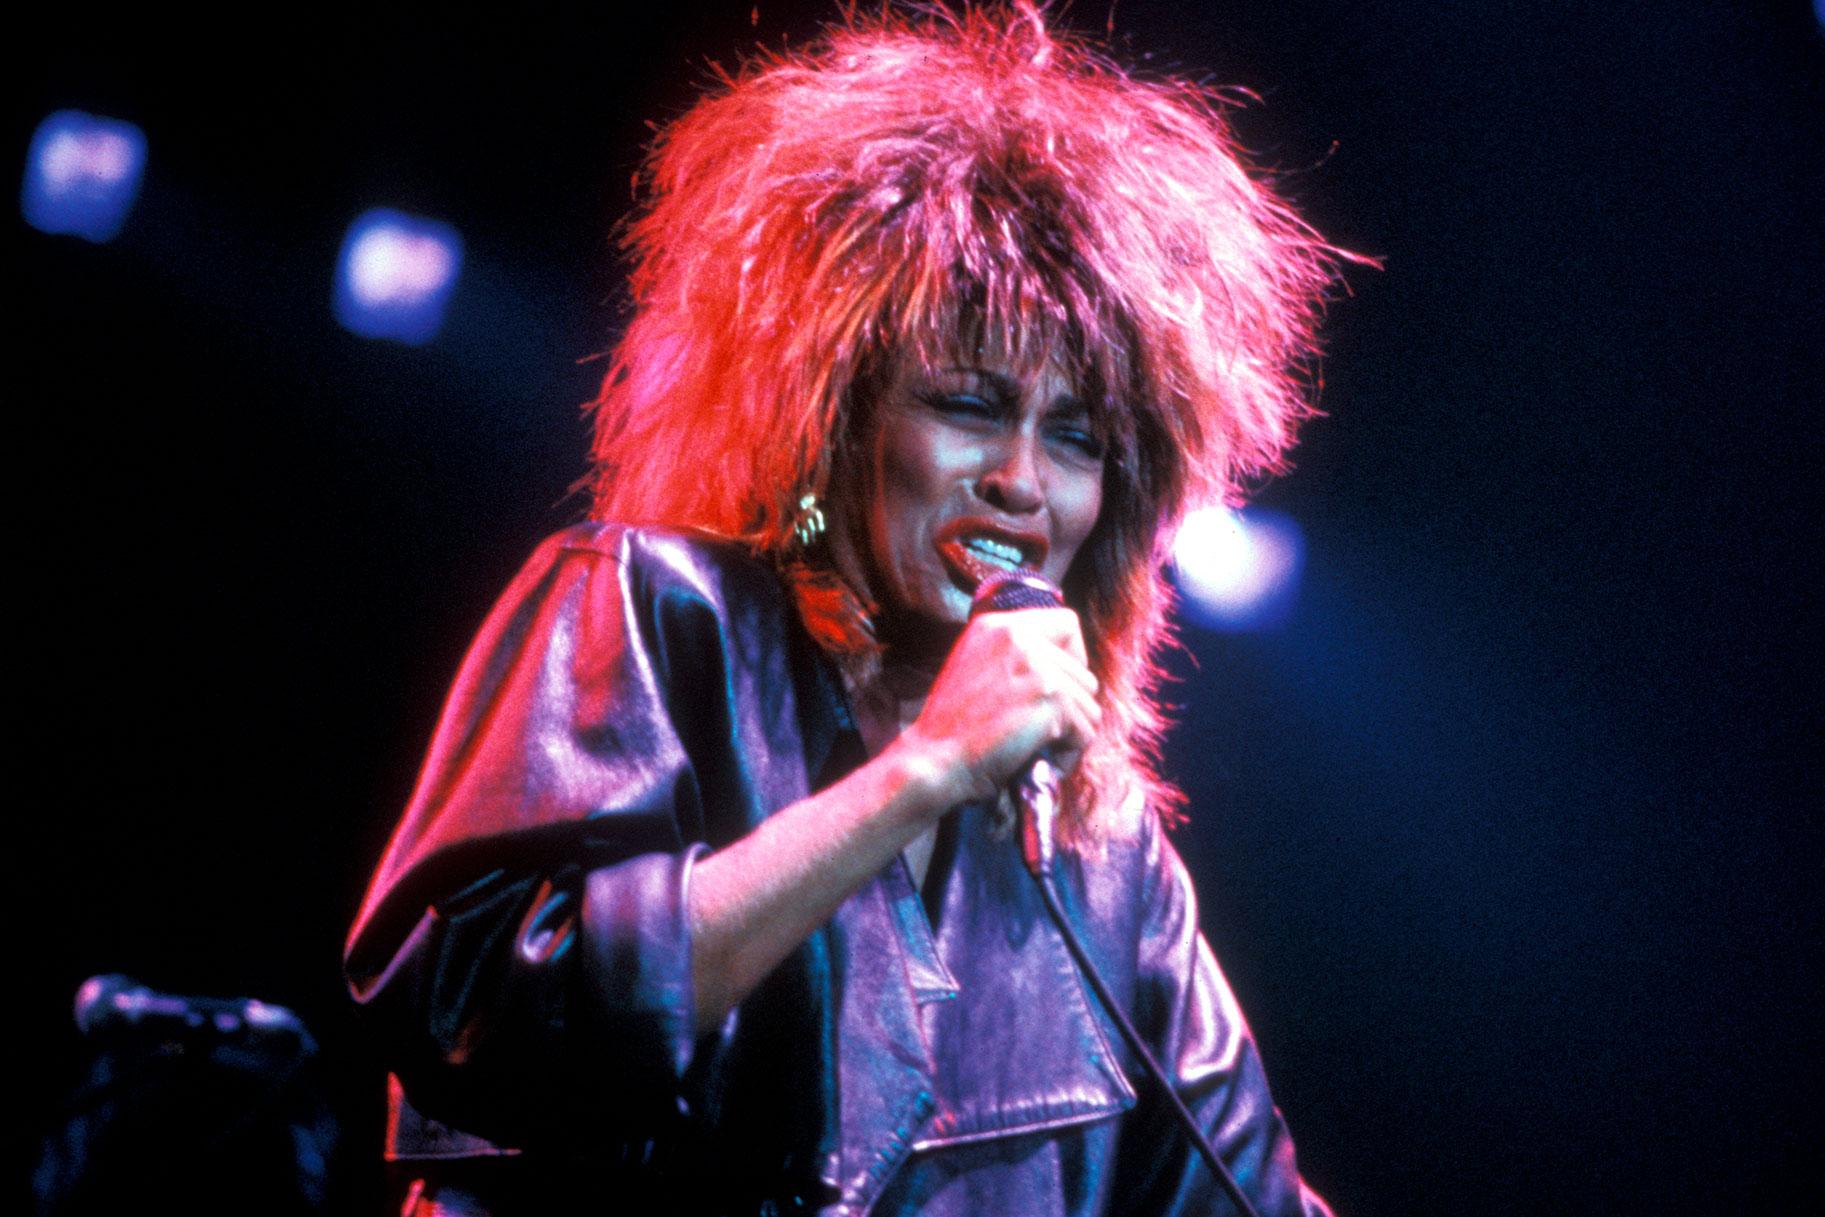 Tina Turner se negó a permitir que el espectro del abuso doméstico que sufrió eclipsara su vida y talento